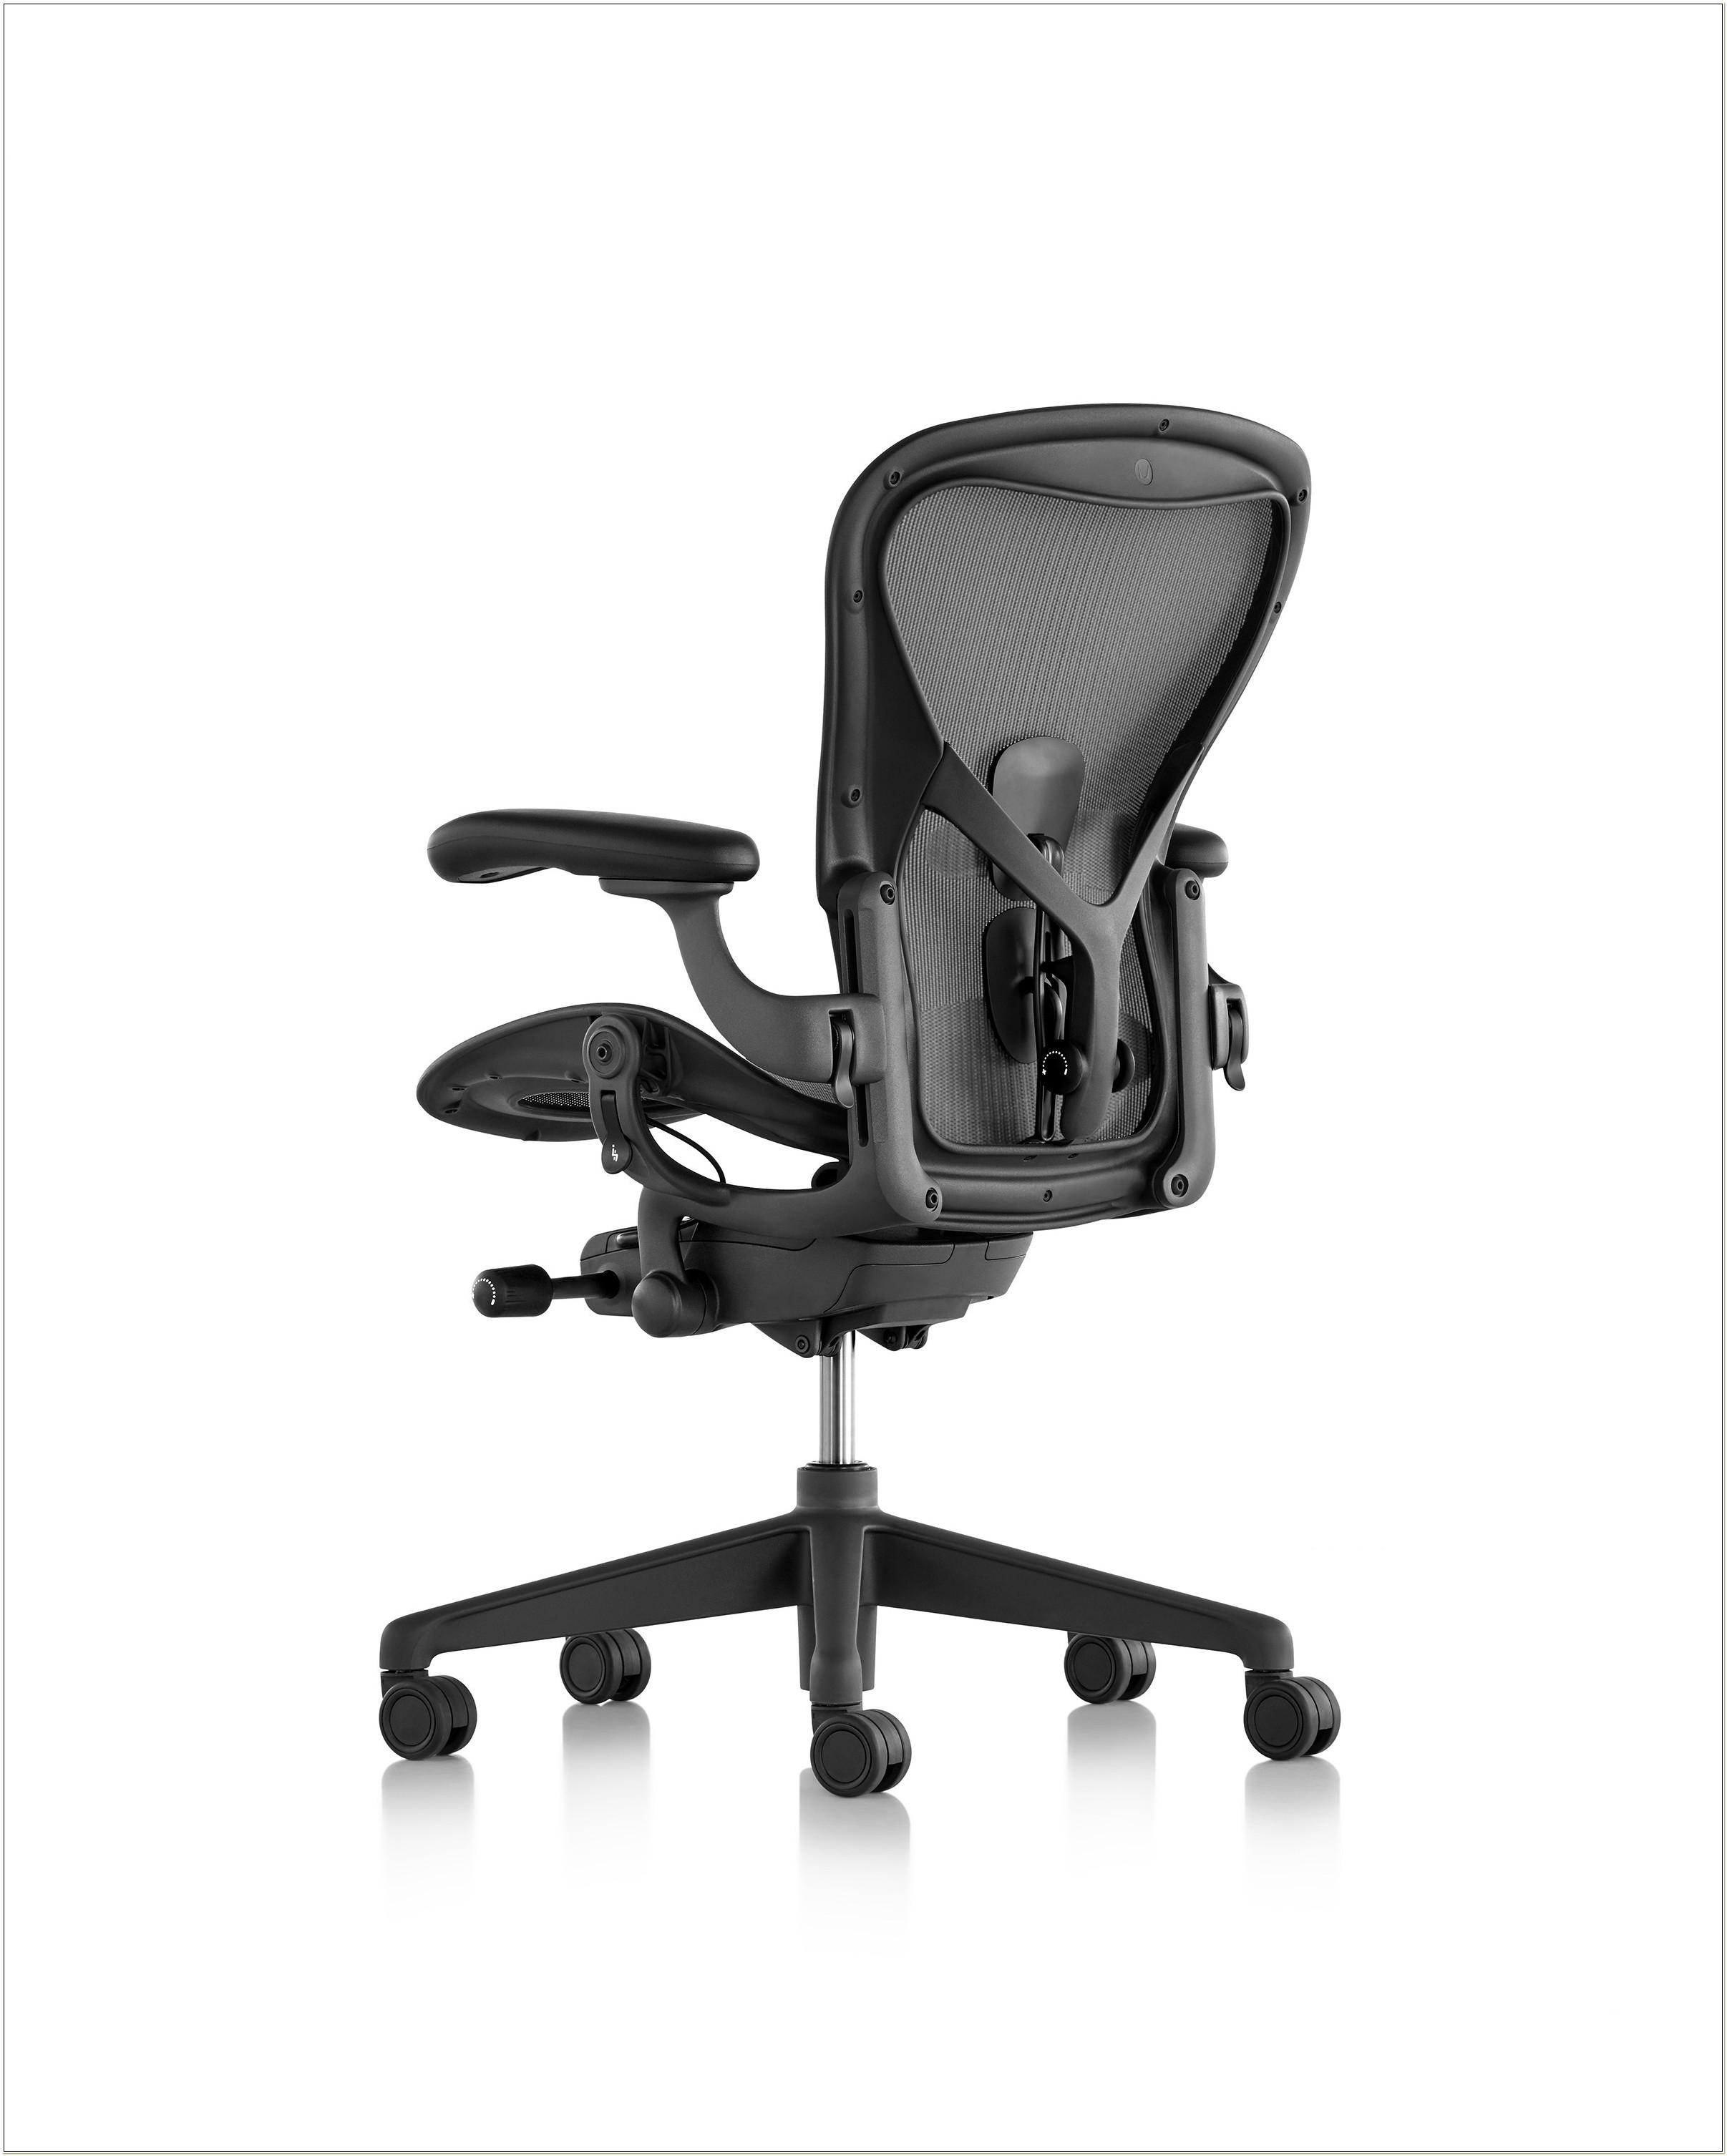 Herman Miller Aeron Chairs Ebay